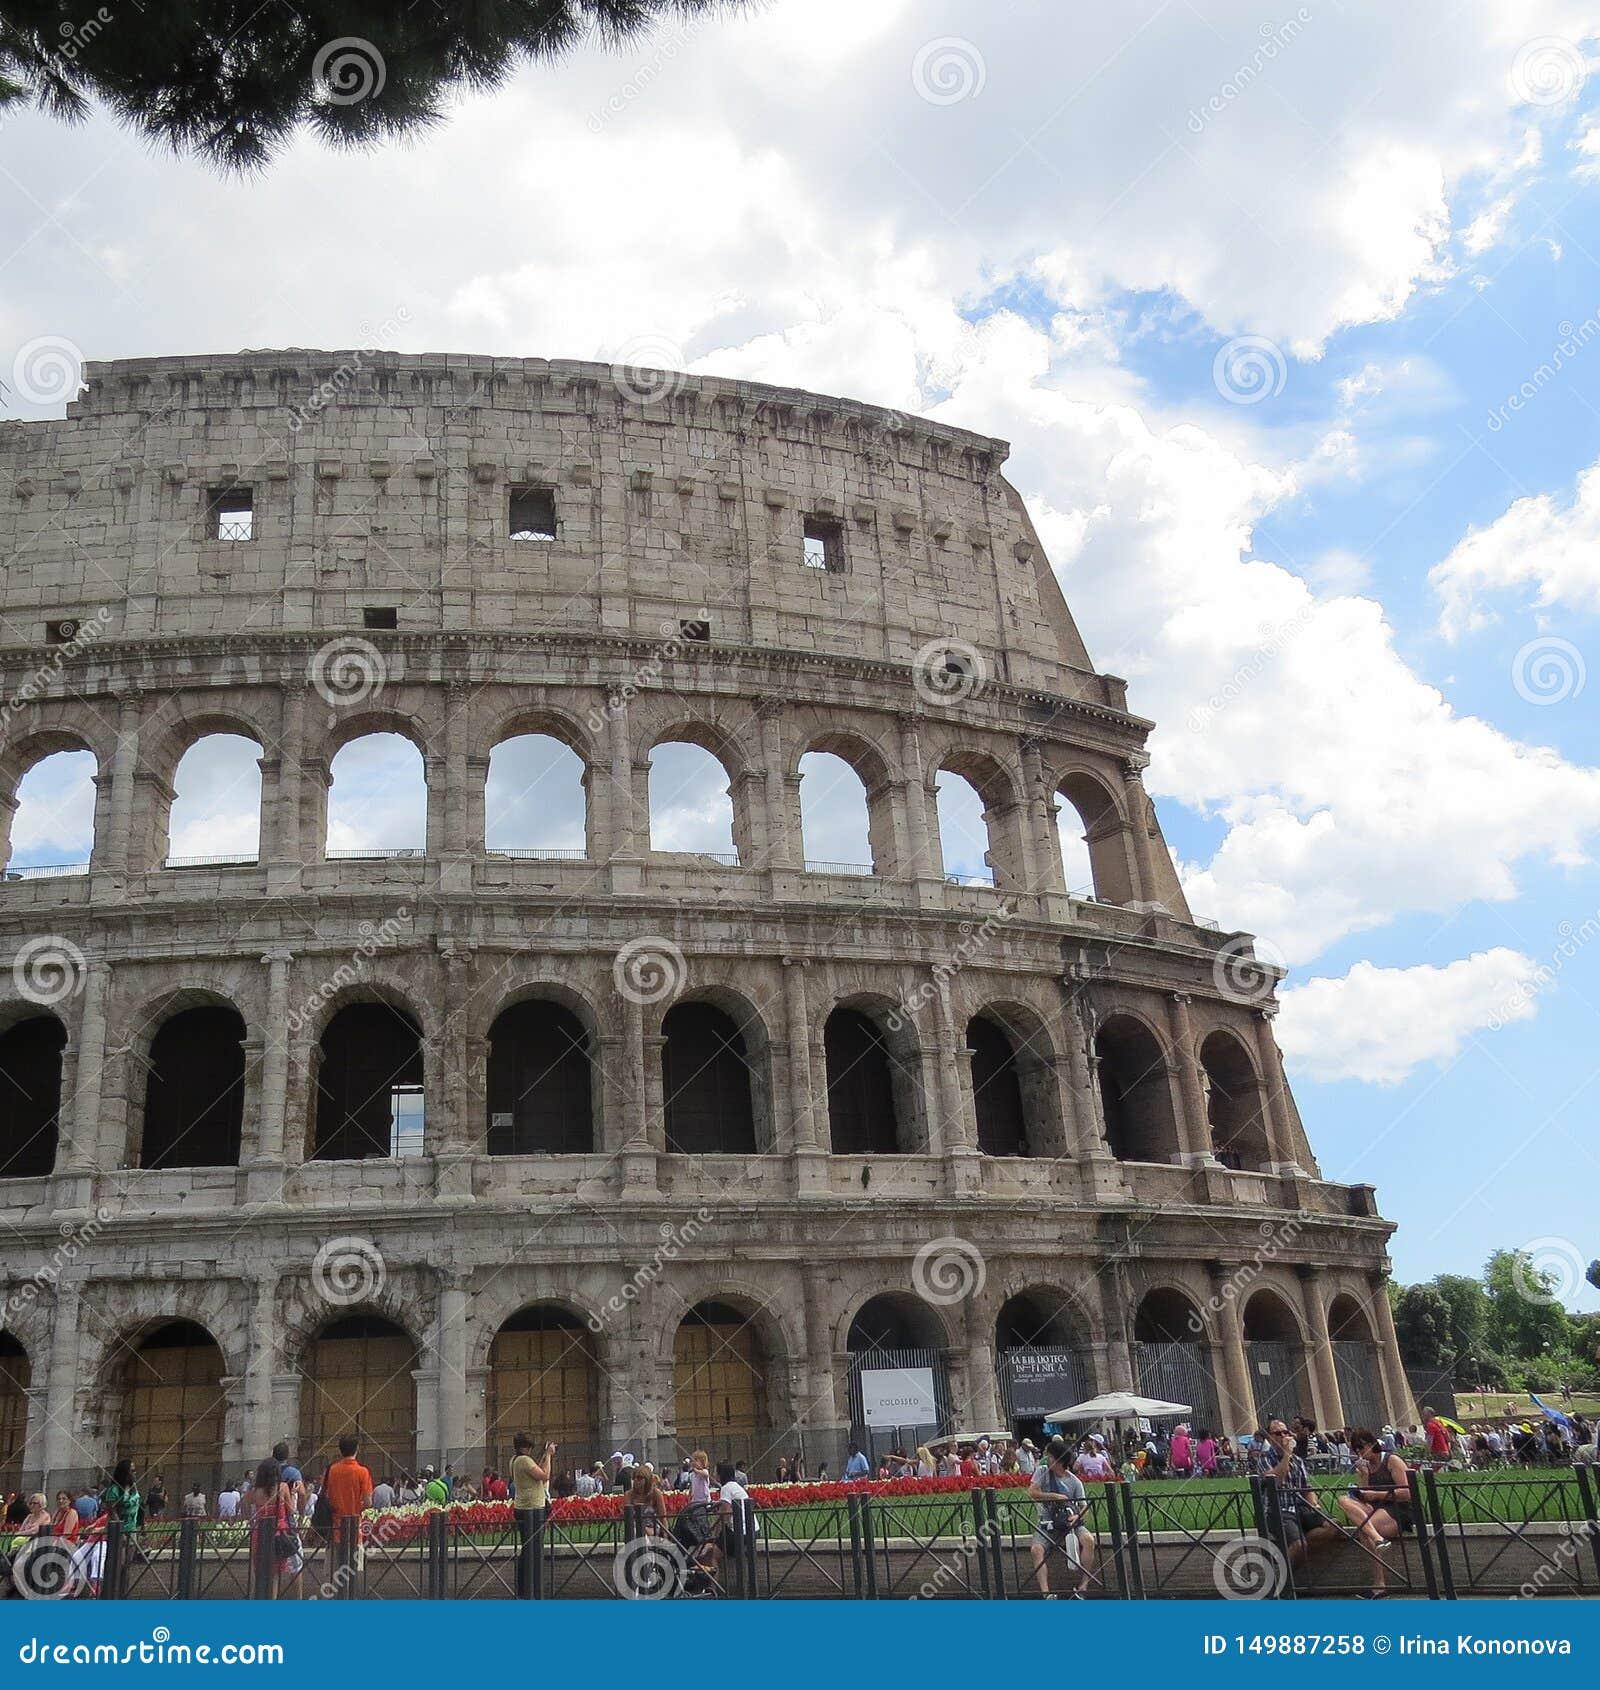 Toeristen en de muur van Colosseum in Rome tegen de blauwe bewolkte hemel